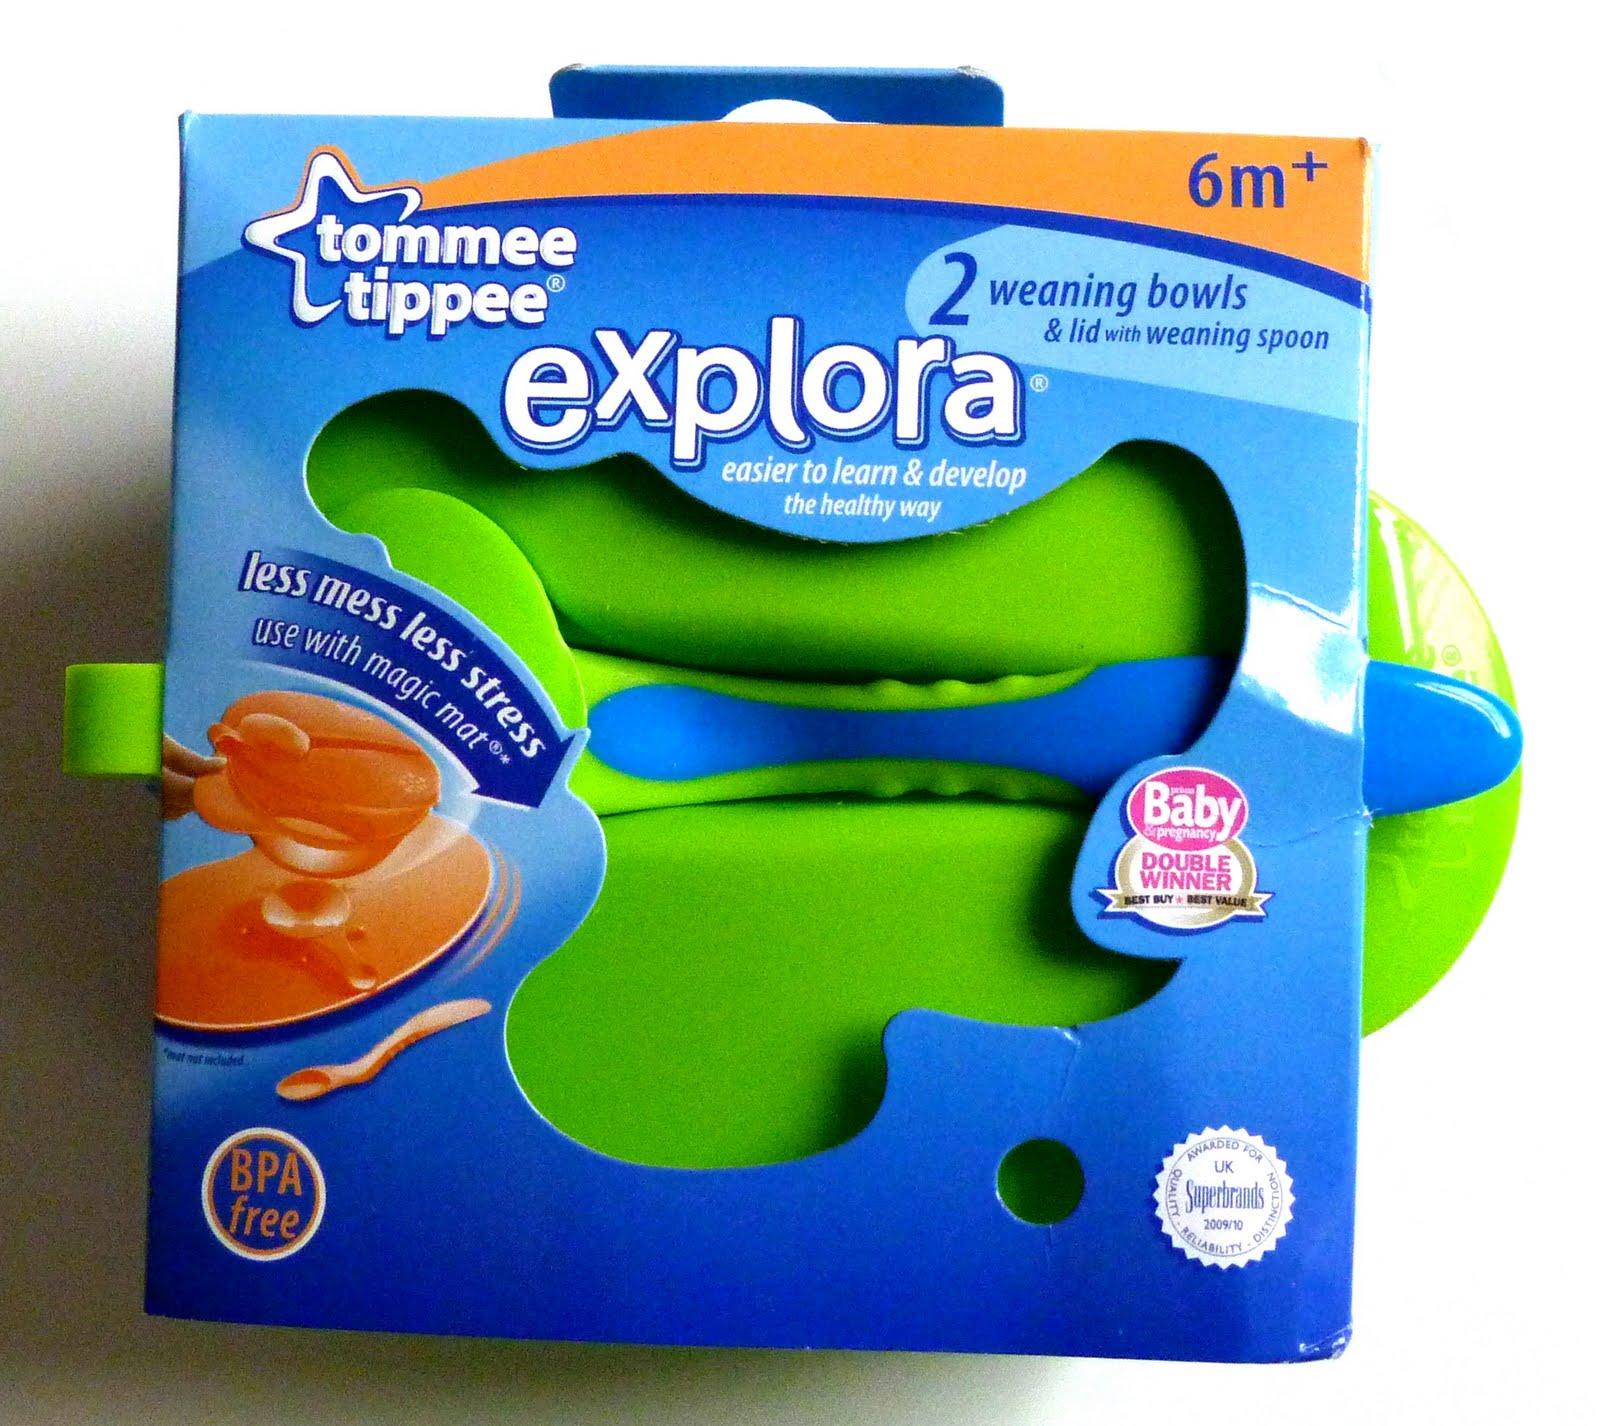 http://3.bp.blogspot.com/-m4wNdcB4xzI/TdDqUF-zO9I/AAAAAAAAAKQ/0hfaV9l3ICU/s1600/weaning-bowls-blue.JPG